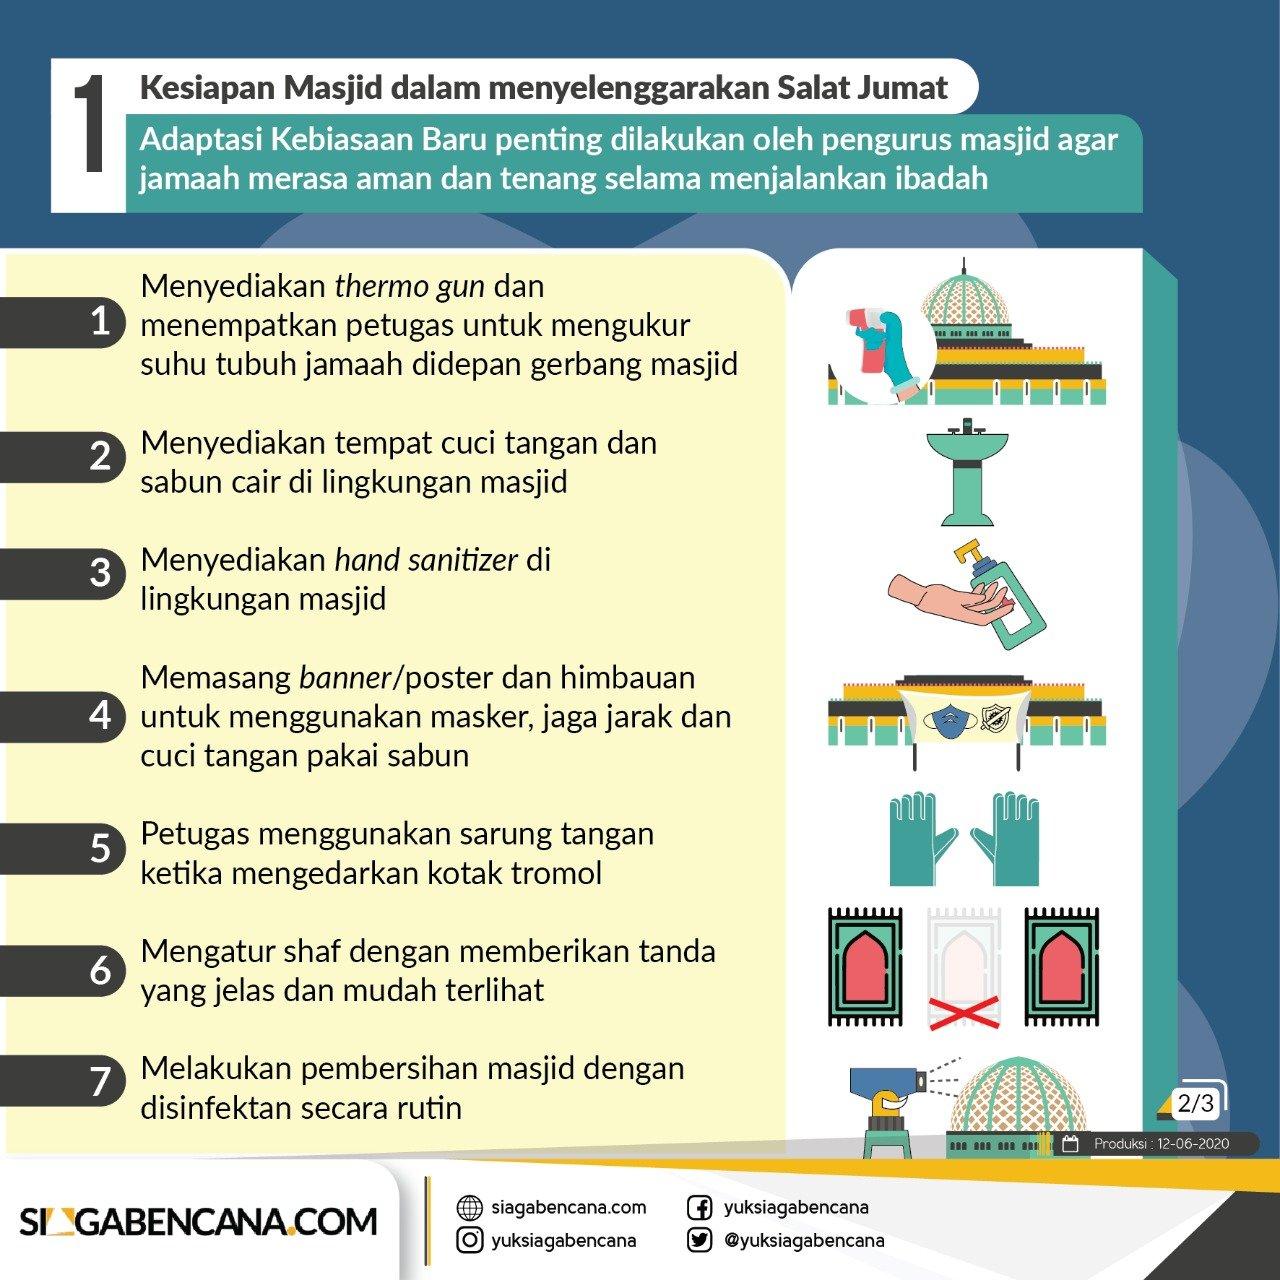 Adaptasi Kebiasaan Baru Di Tempat Ibadah Masjid